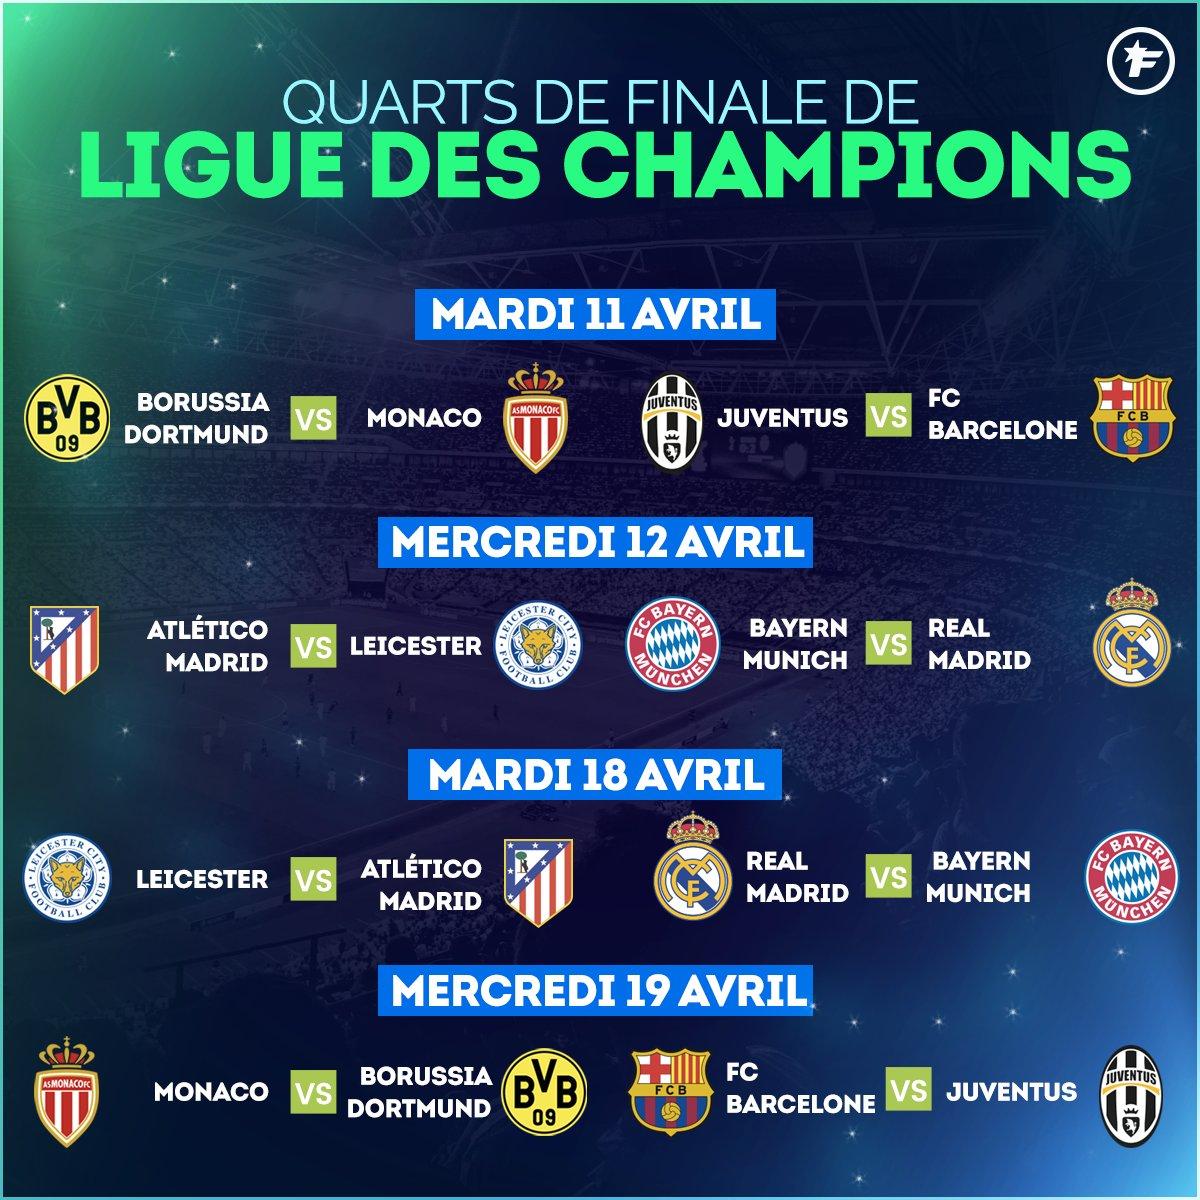 Calendrier Ligue De Champion.Ligue Champions Tirageldc Calendrier Finale Ligue